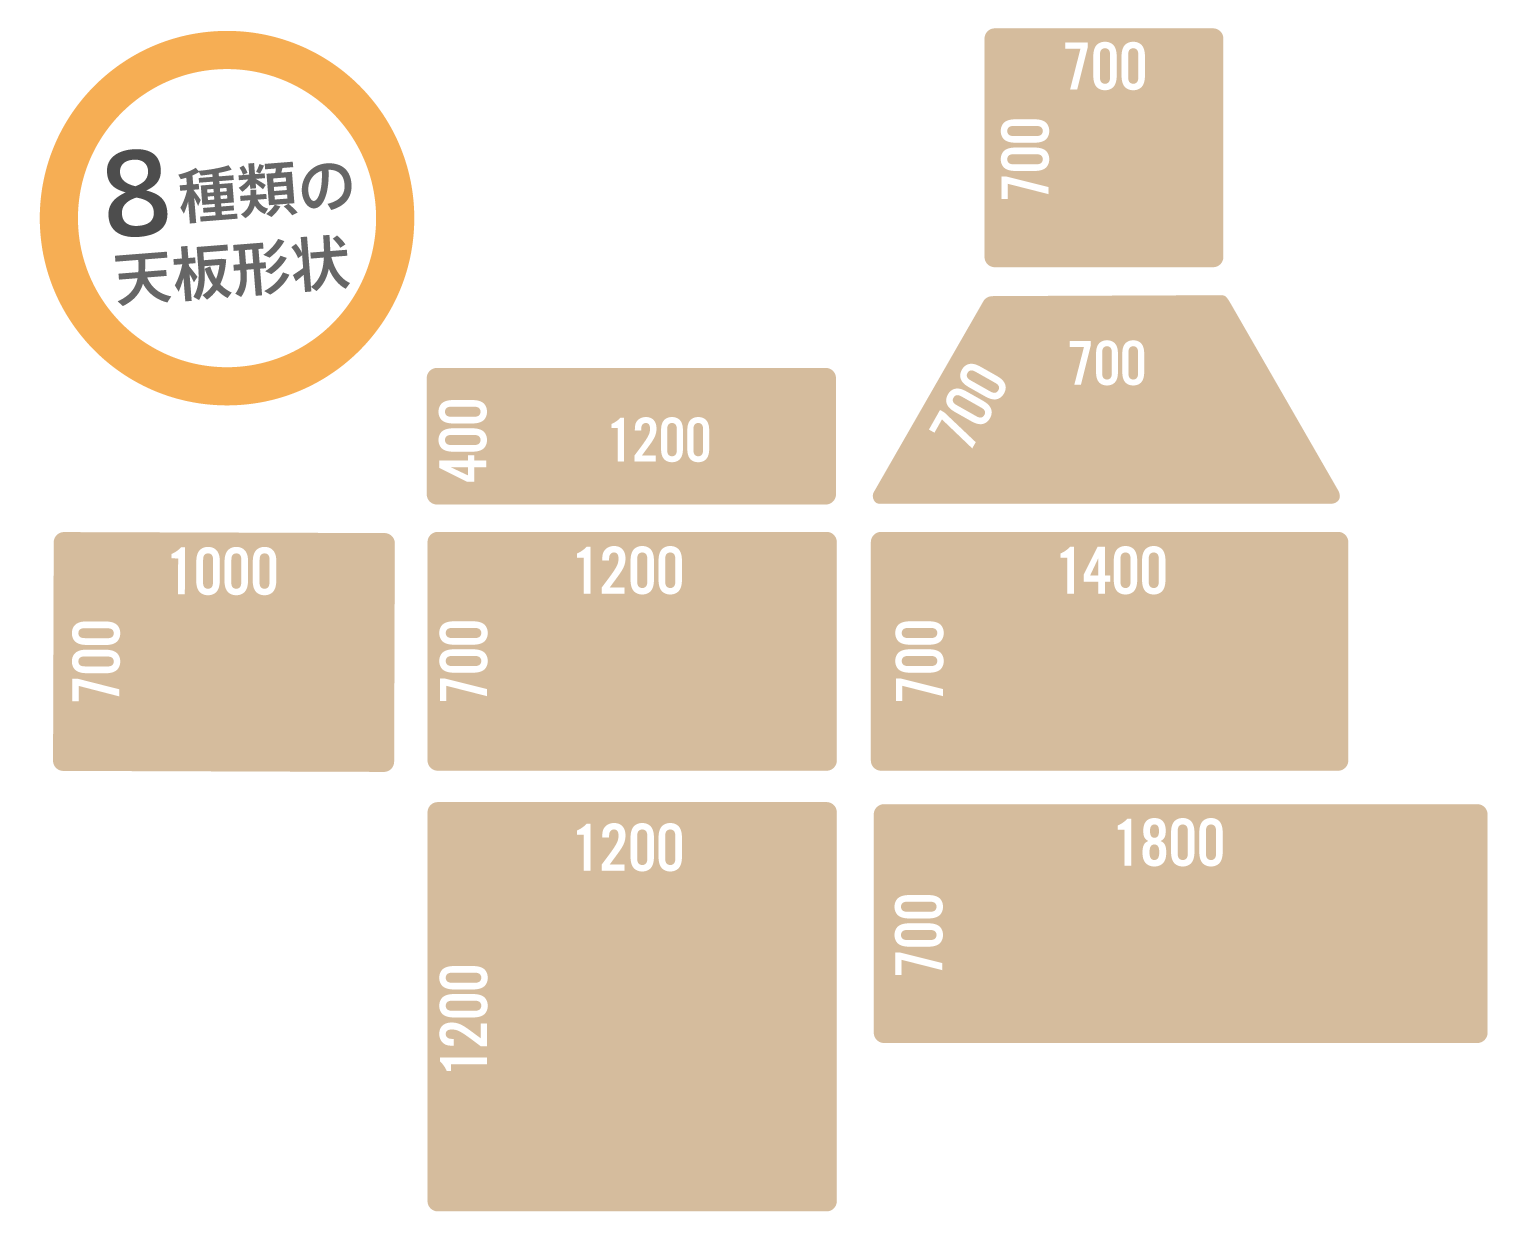 8種類の天板形状